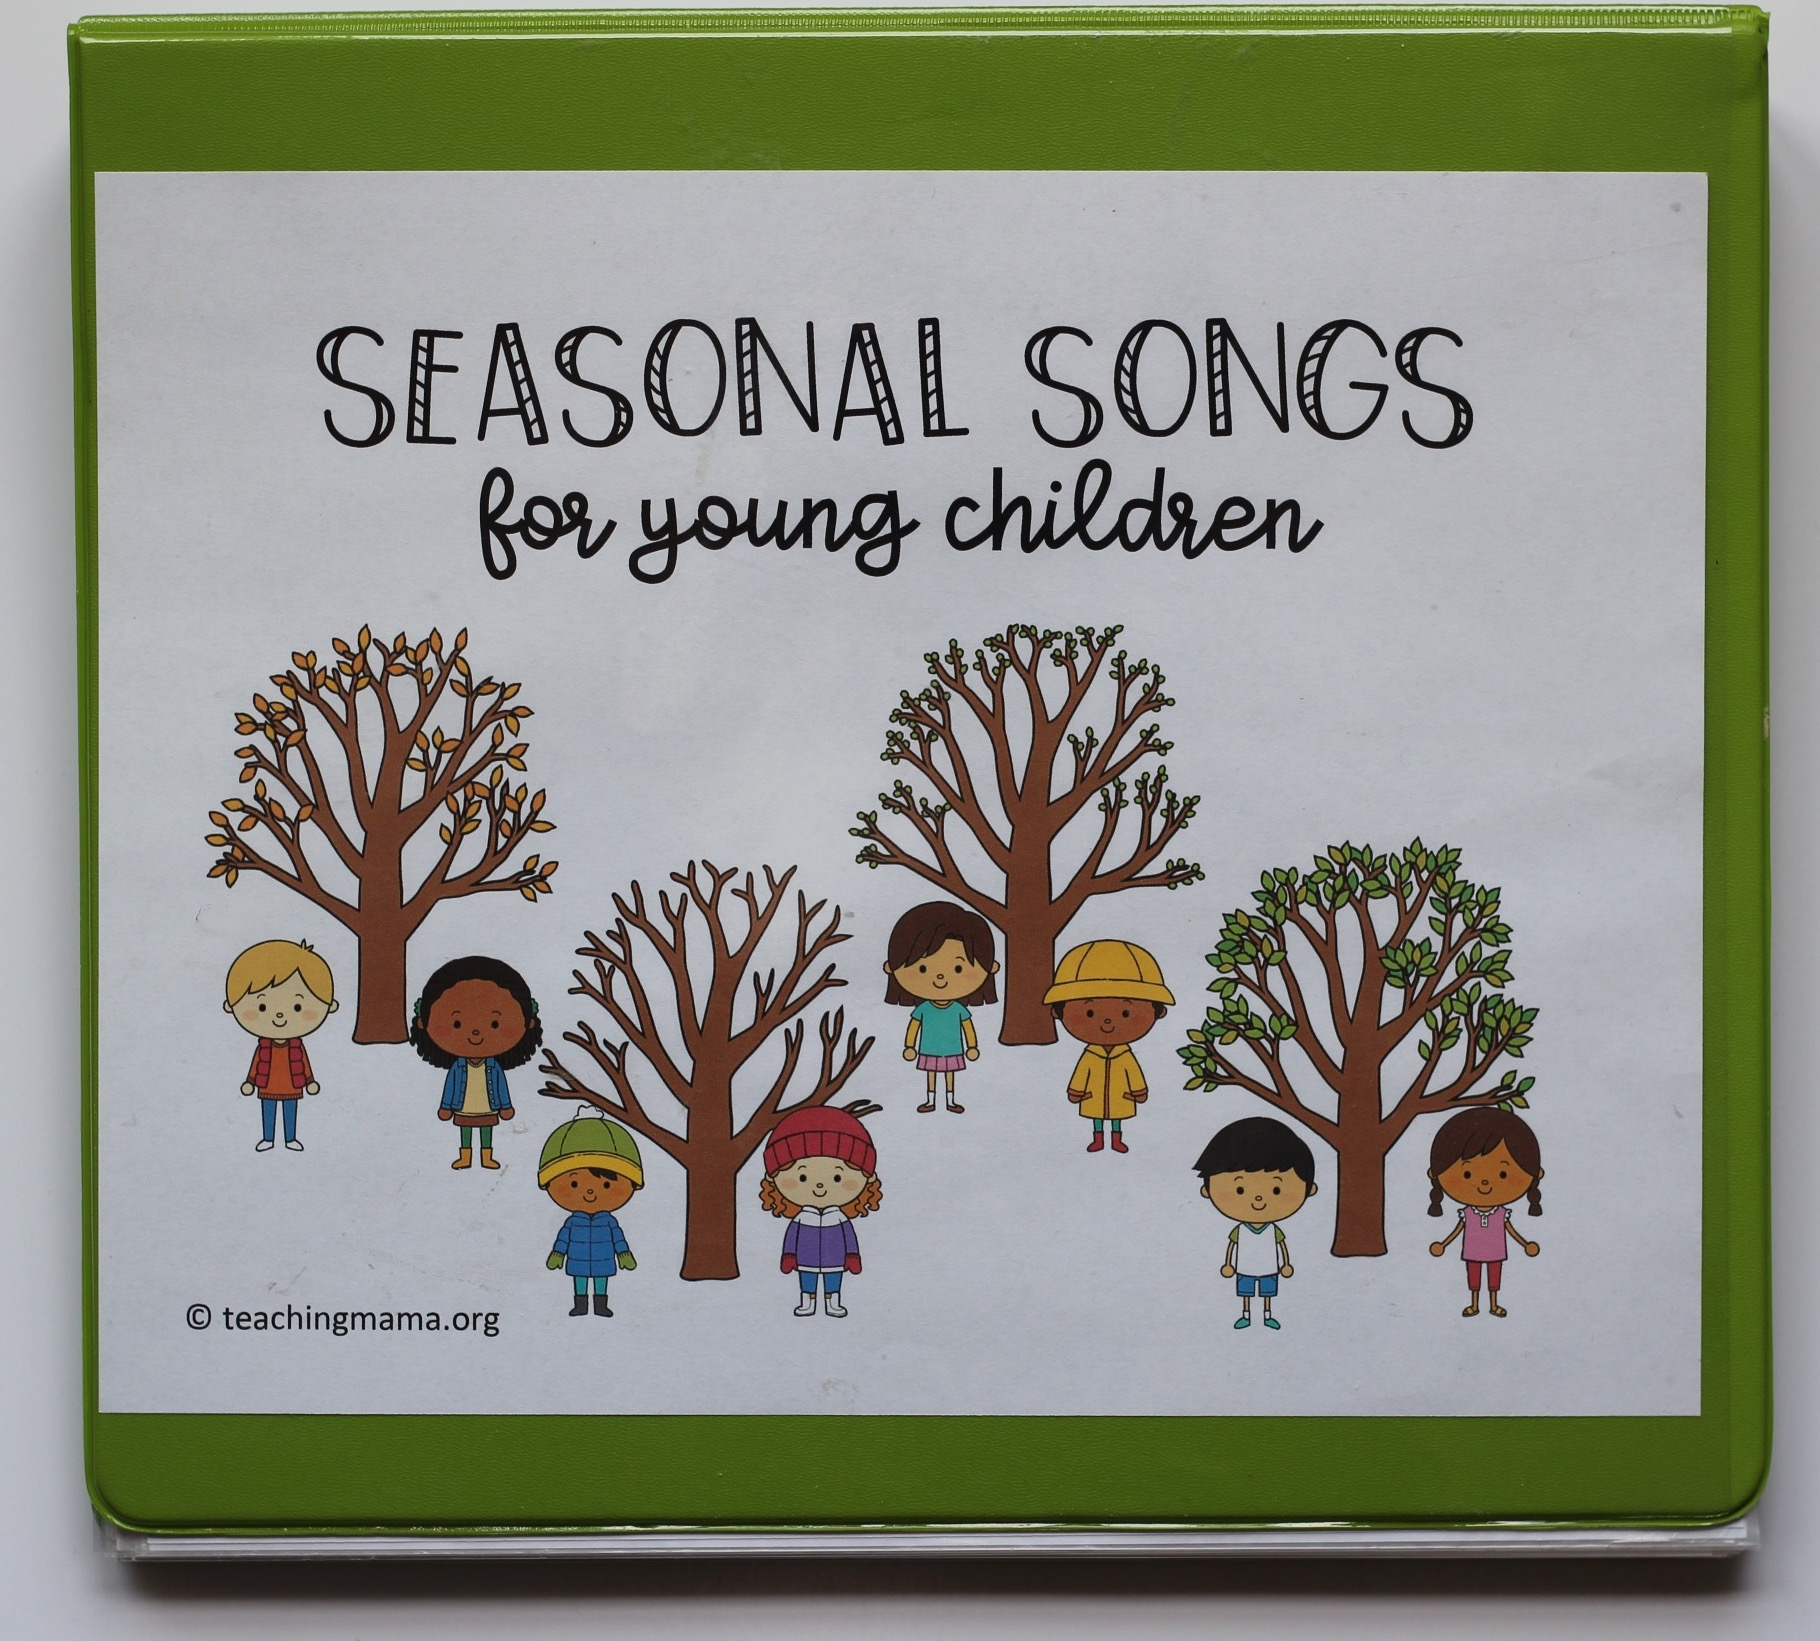 seasonal songs